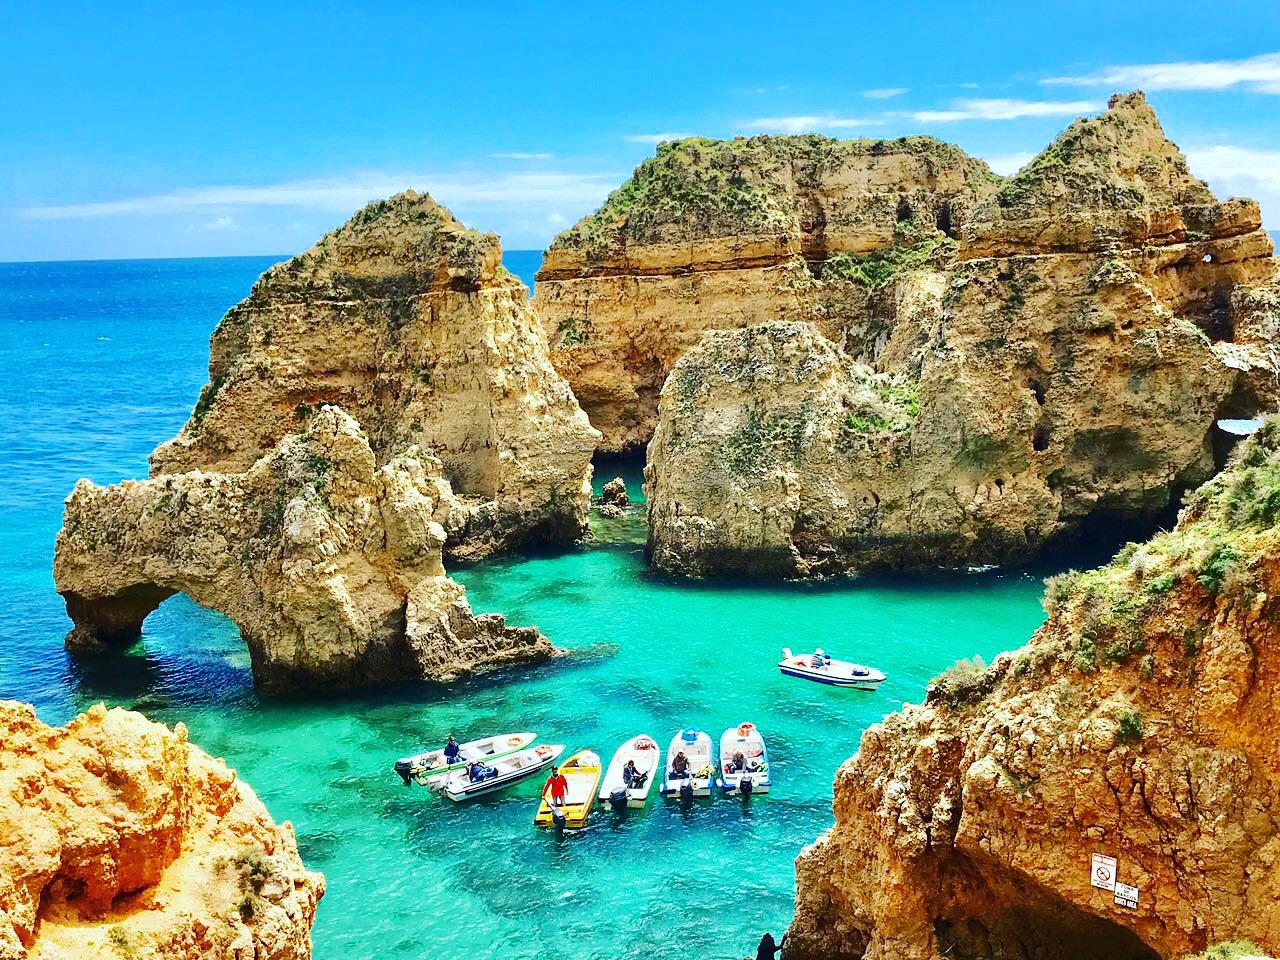 As falésias surreais do Algarve, na Ponta da Piedade, arredores de Lagos